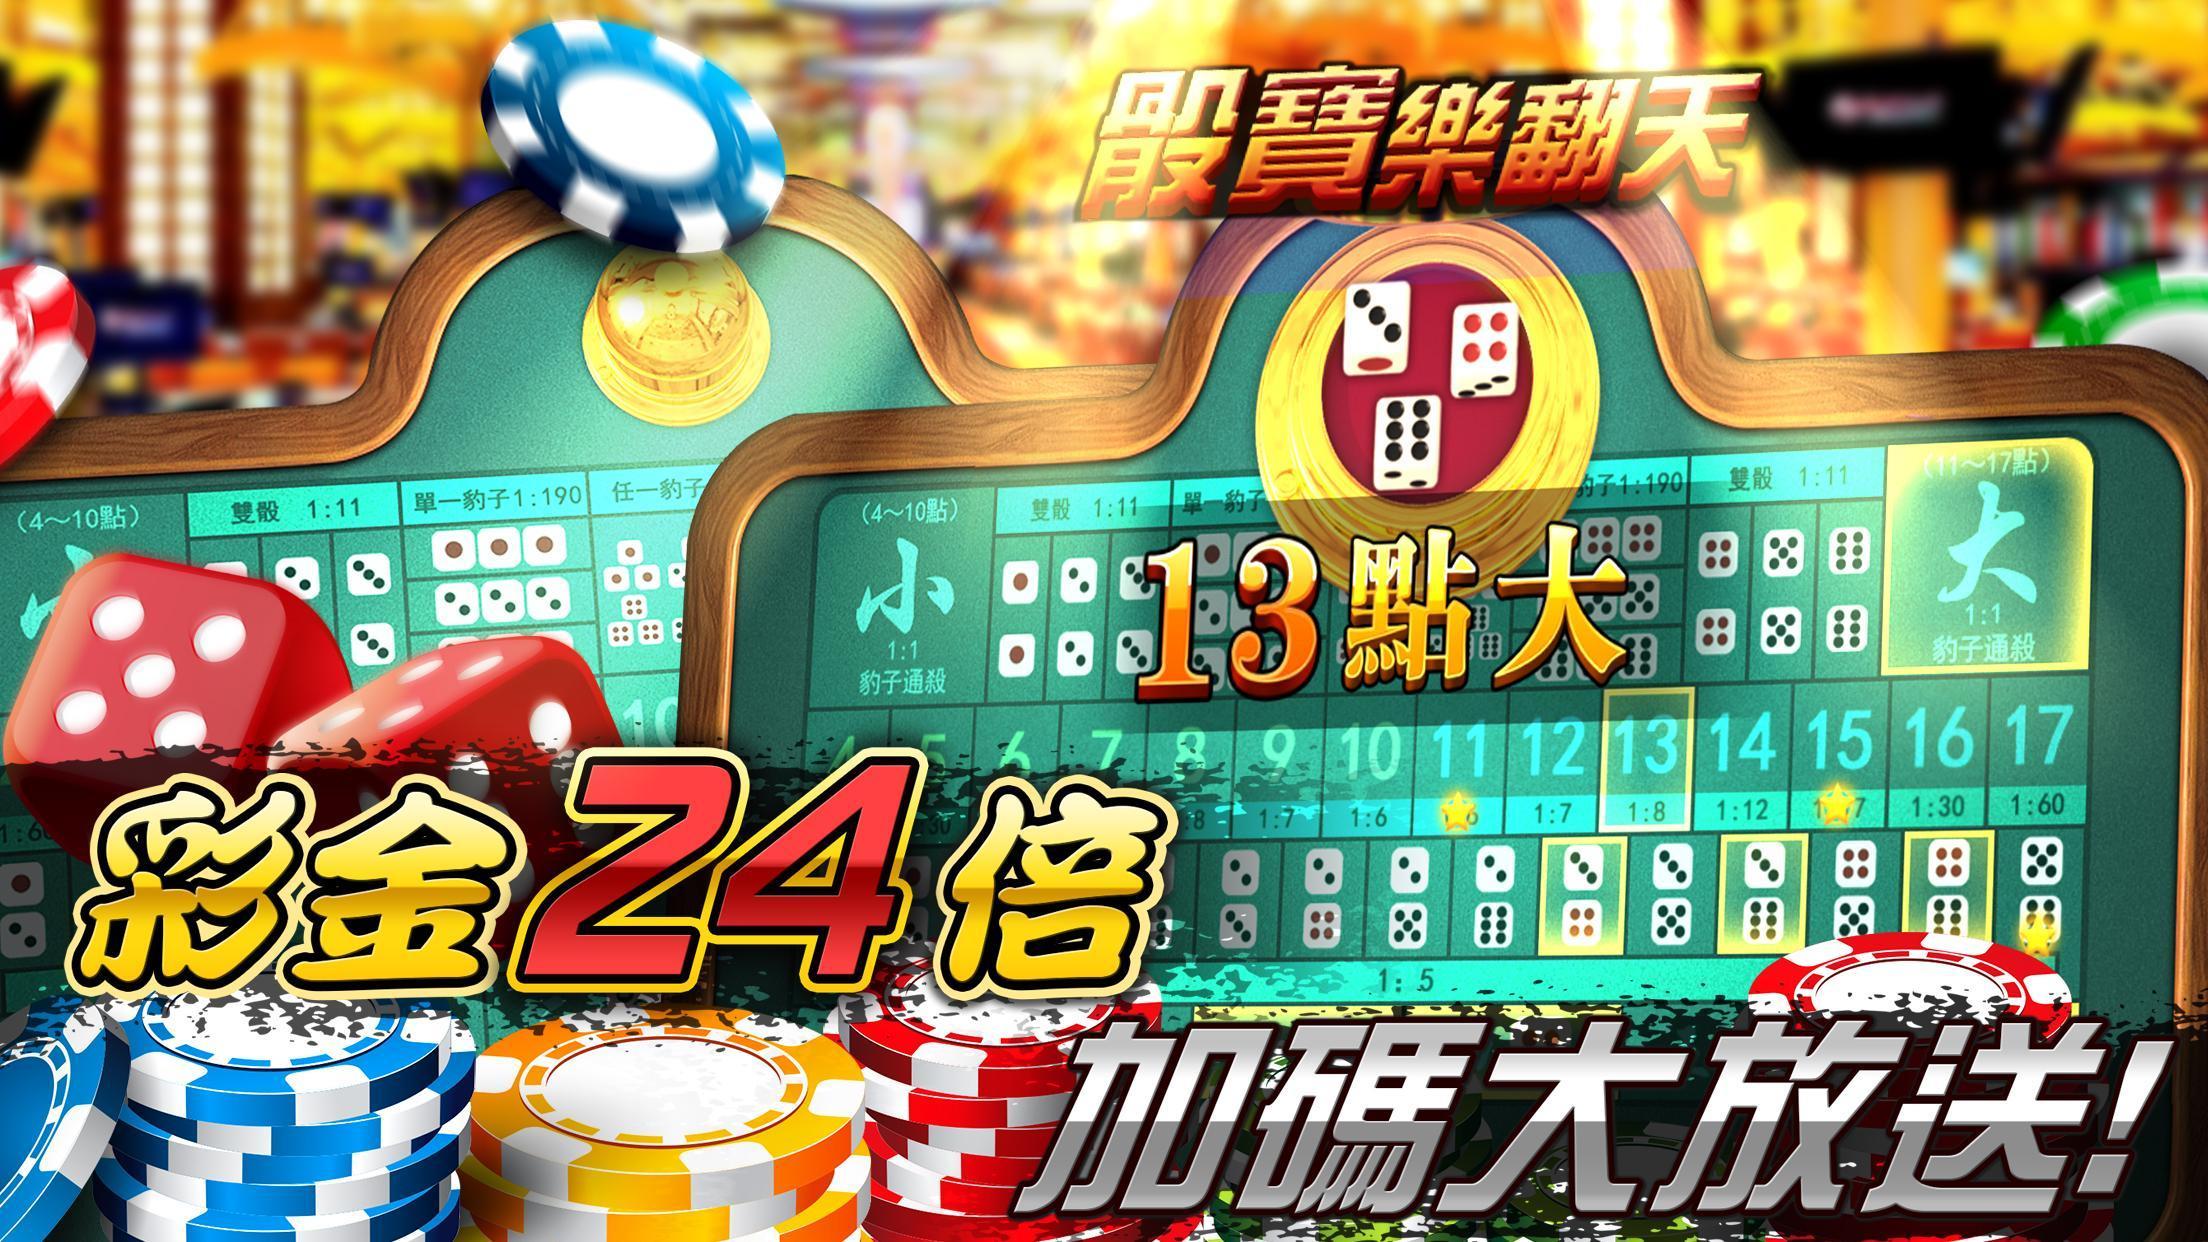 金G168 Casino -老虎機,7PK撲克,小瑪莉,骰寶 1.1.23 Screenshot 2